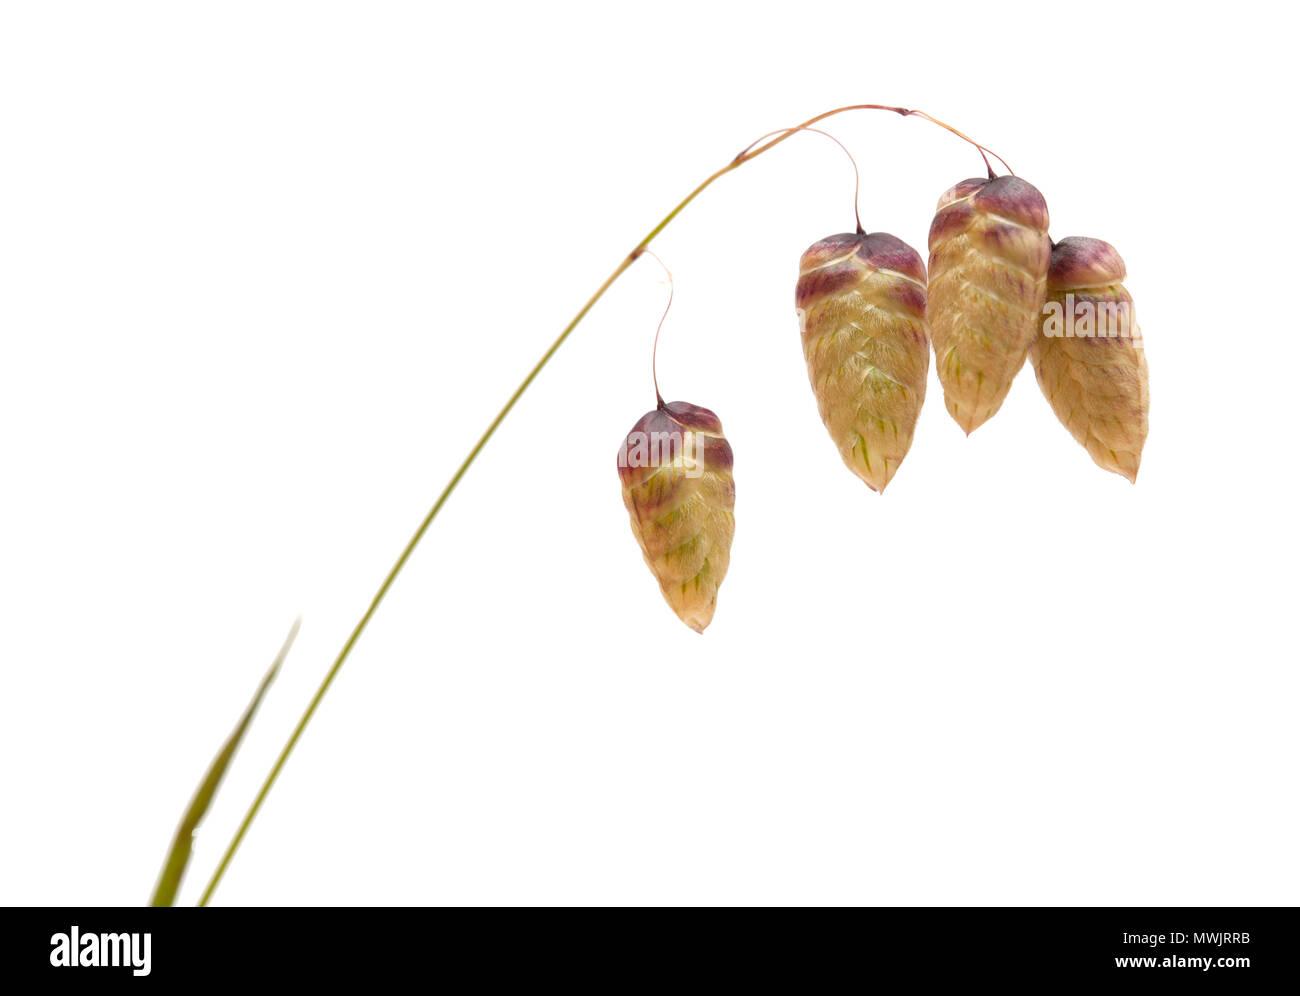 Flora of Gran Canaria -  Briza maxima, quaking grass - Stock Image